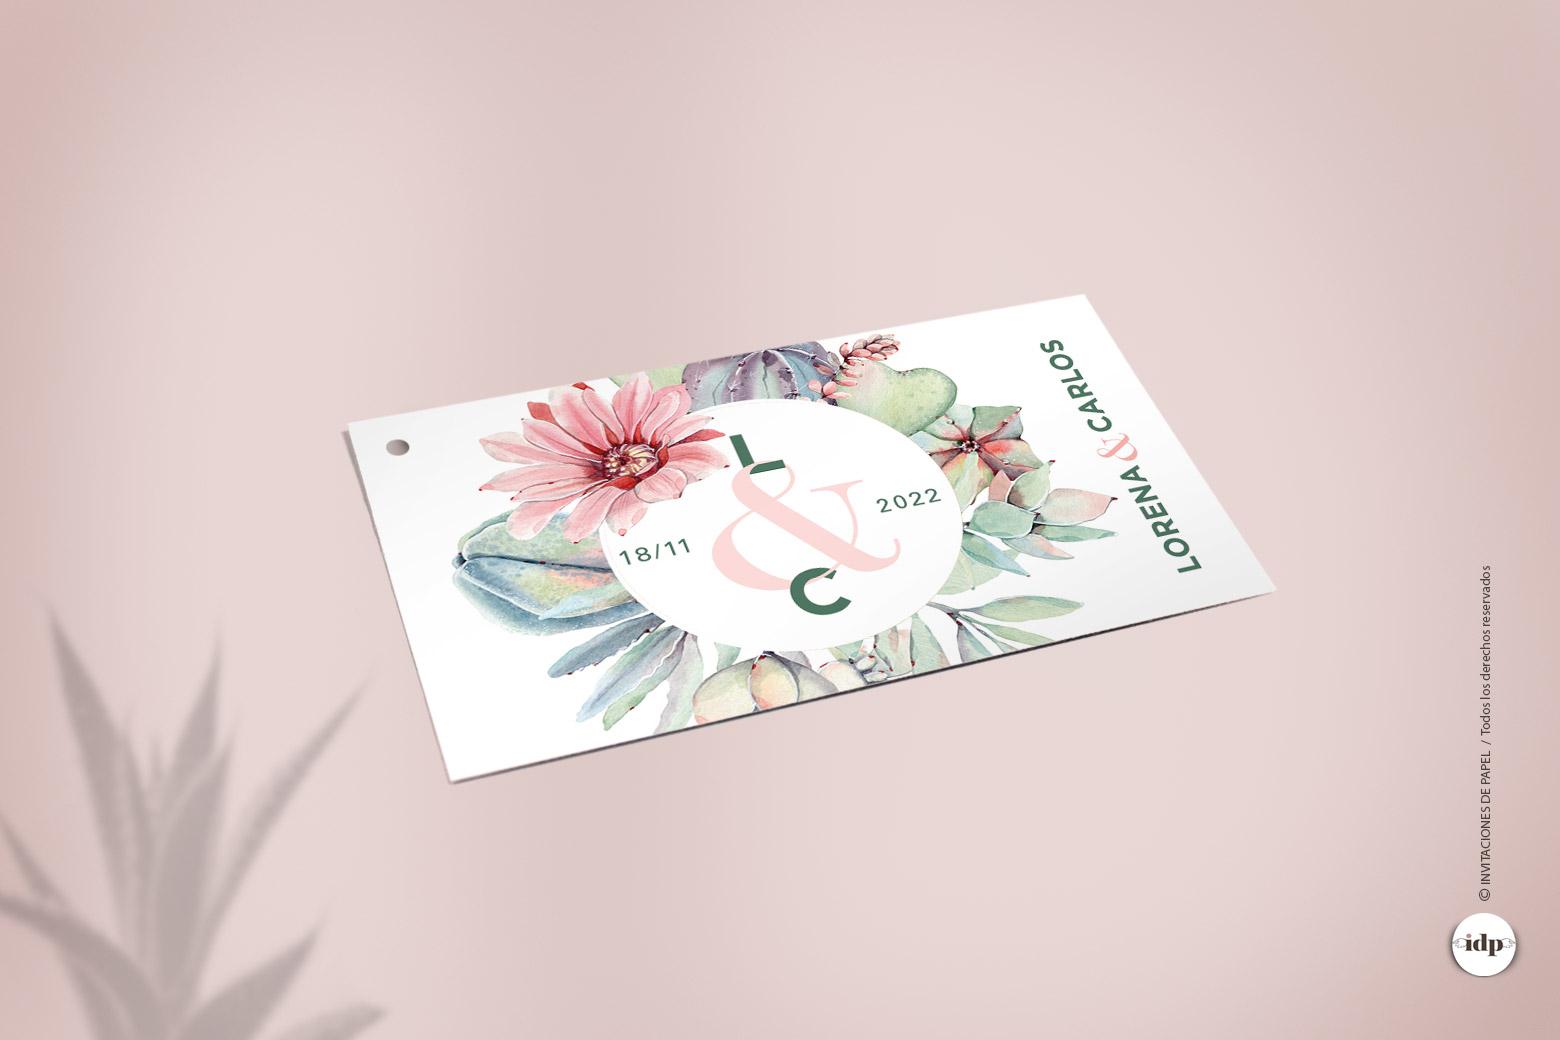 Etiqueta para Regalos de Boda con una corona de Cactus y Flores en Acuarela